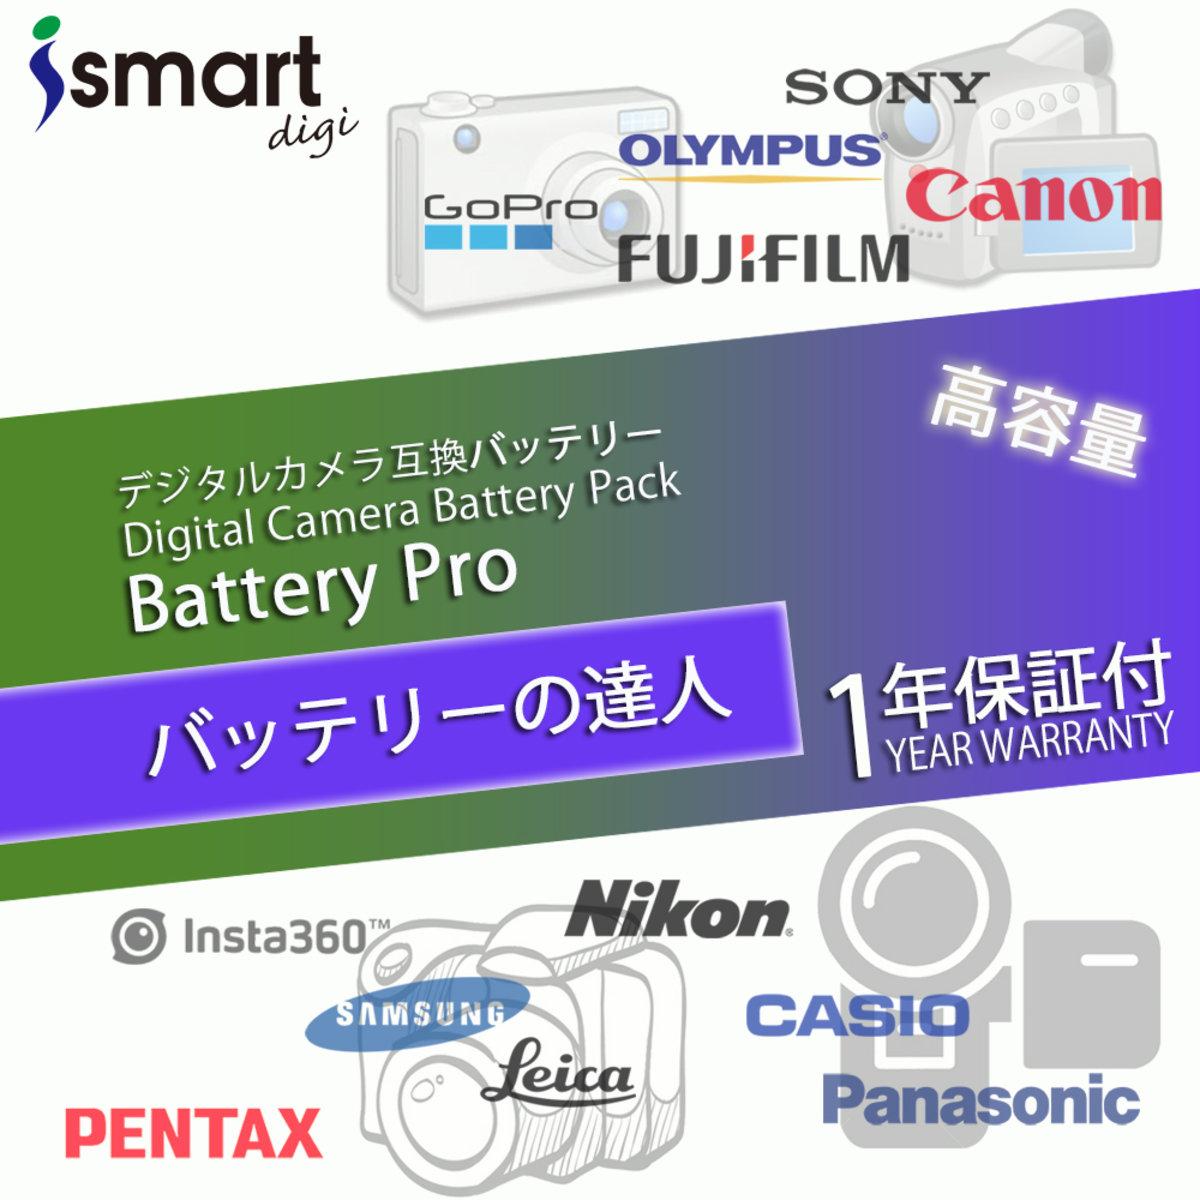 Panasonic(松下)數碼相機電池(適合:Lumix DMC-FX01EF-A, Lumix DMC-FX01EF-K, Lumix DMC-FX01EF-S, Lumix DMC-FX01EF-W)